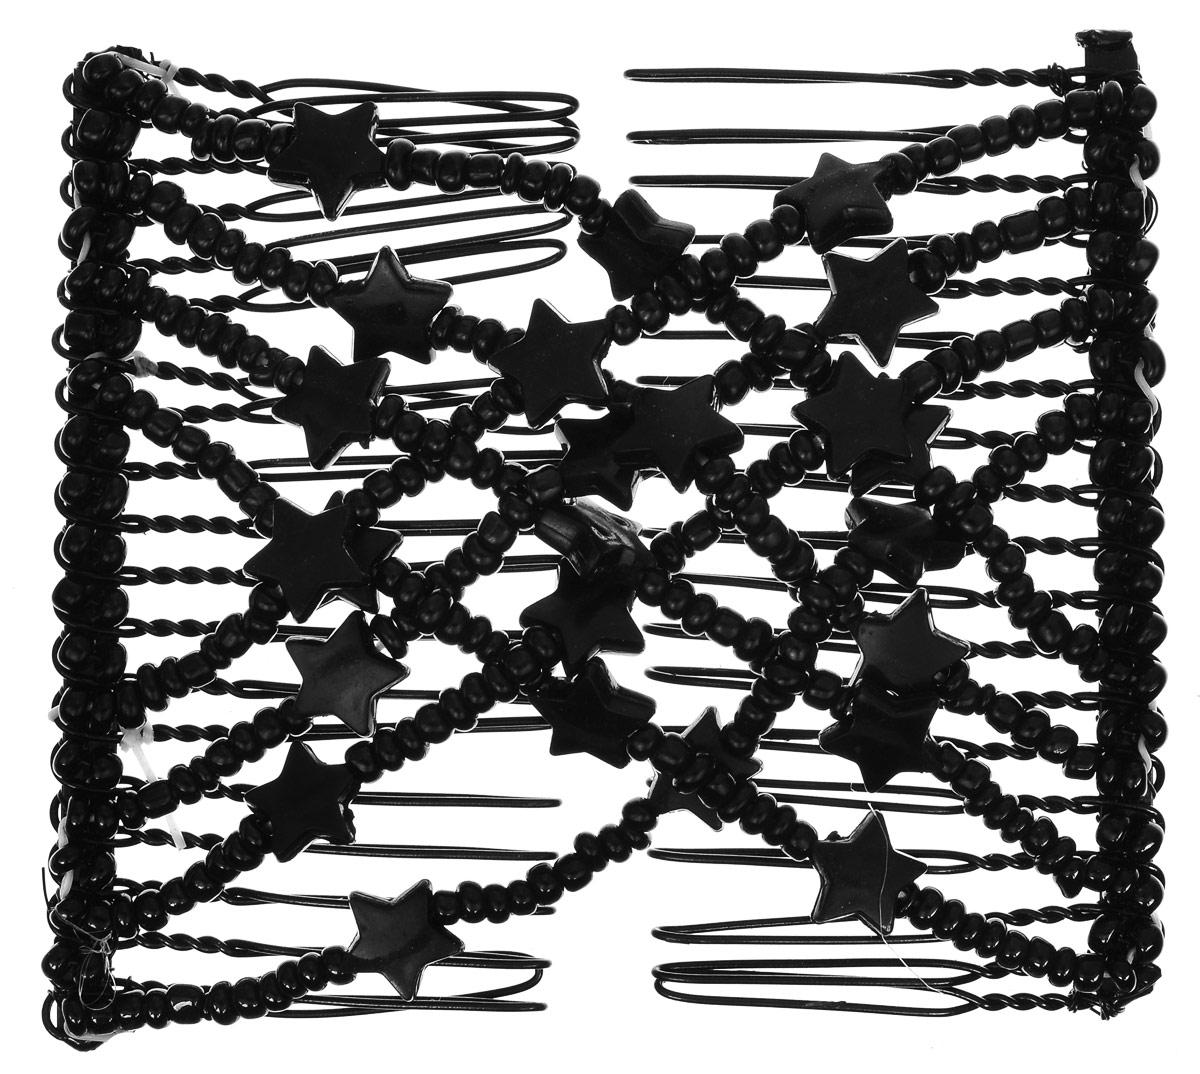 EZ-Combs Заколка Изи-Комбс, одинарная, цвет: черный. ЗИО_звездыЗИО_черный, звездыУдобная и практичная EZ-Combs подходит для любого типа волос: тонких, жестких, вьющихся или прямых, и не наносит им никакого вреда. Заколка не мешает движениям головы и не создает дискомфорта, когда вы отдыхаете или управляете автомобилем. Каждый гребень имеет по 20 зубьев для надежной фиксации заколки на волосах! И даже во время бега и интенсивных тренировок в спортзале EZ-Combs не падает; она прочно фиксирует прическу, сохраняя укладку в первозданном виде. Небольшая и легкая заколка для волос EZ-Combs поместится в любой дамской сумочке, позволяя быстро и без особых усилий создавать неповторимые прически там, где вам это удобно. Гребень прекрасно сочетается с любой одеждой: будь это классический или спортивный стиль, завершая гармоничный облик современной леди. И неважно, какой образ жизни вы ведете, если у вас есть EZ-Combs, вы всегда будете выглядеть потрясающе.